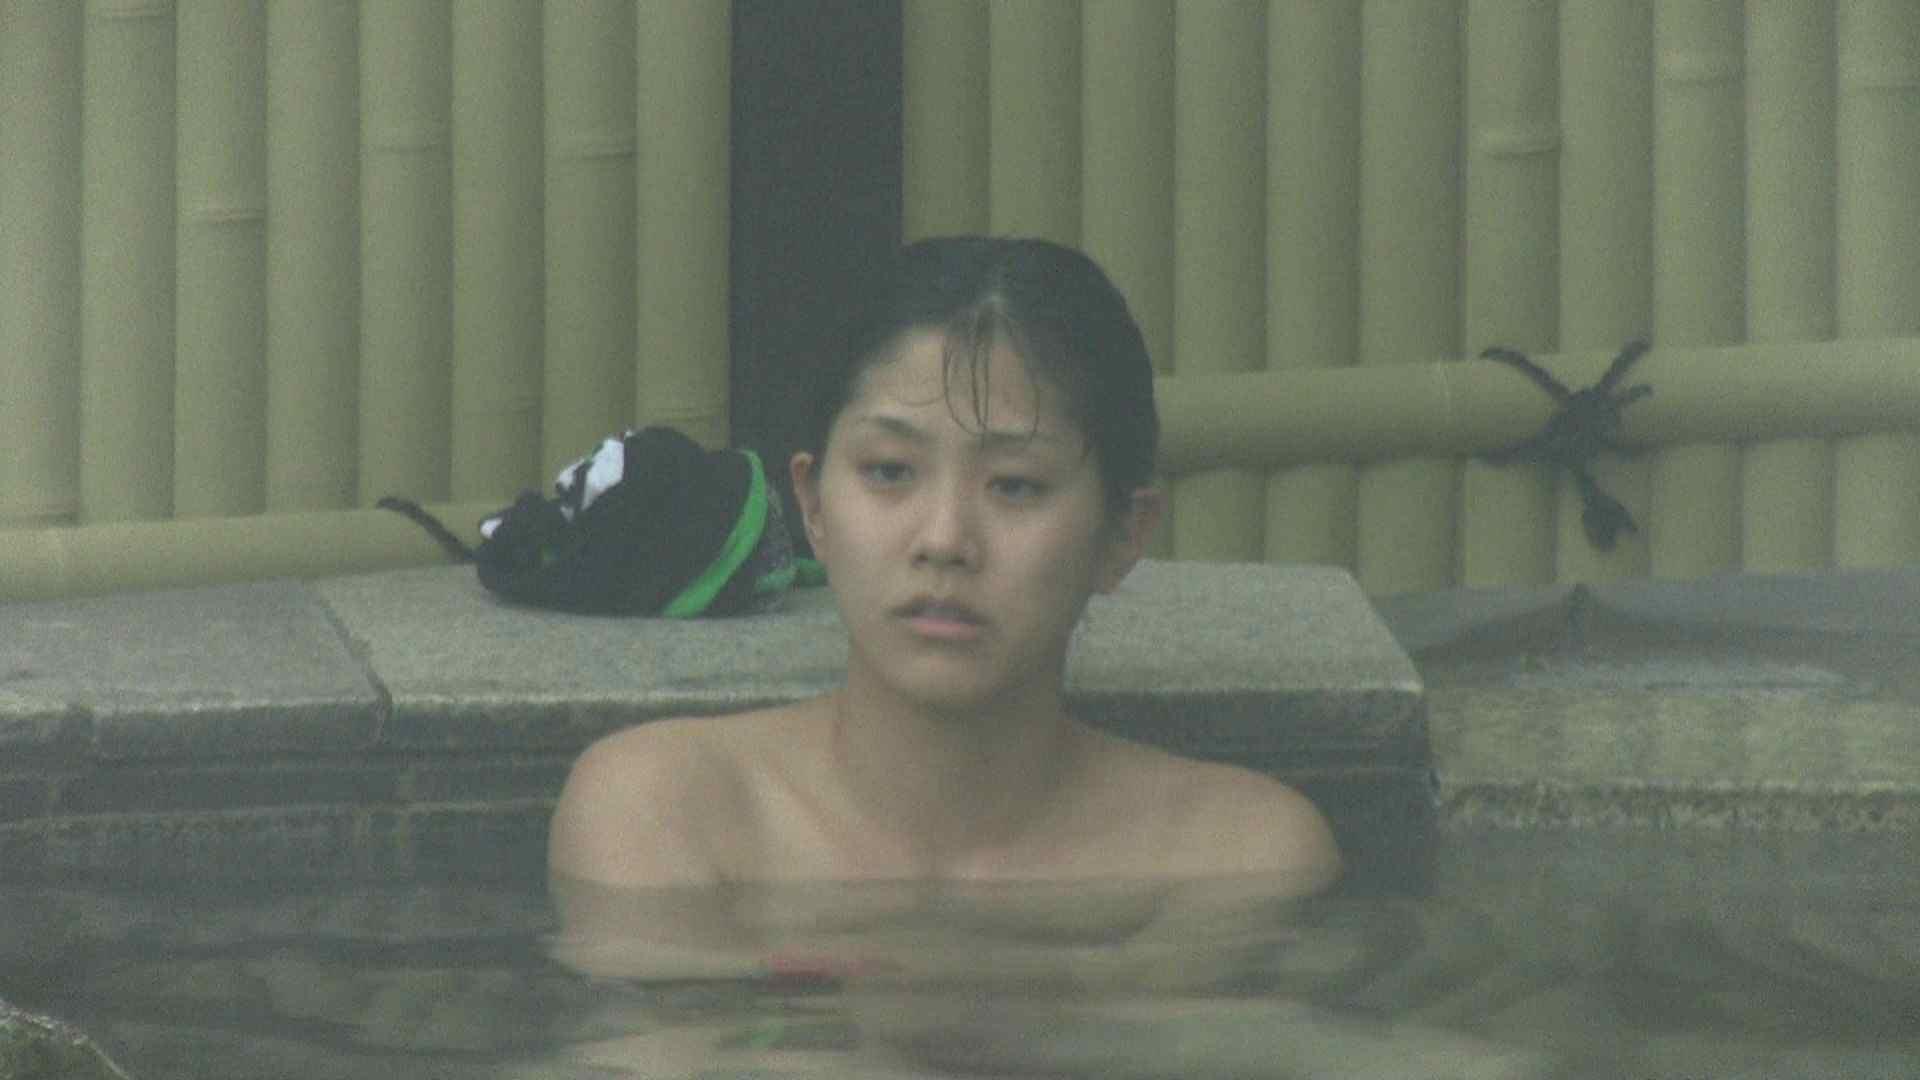 Aquaな露天風呂Vol.174 盗撮シリーズ  86PIX 60